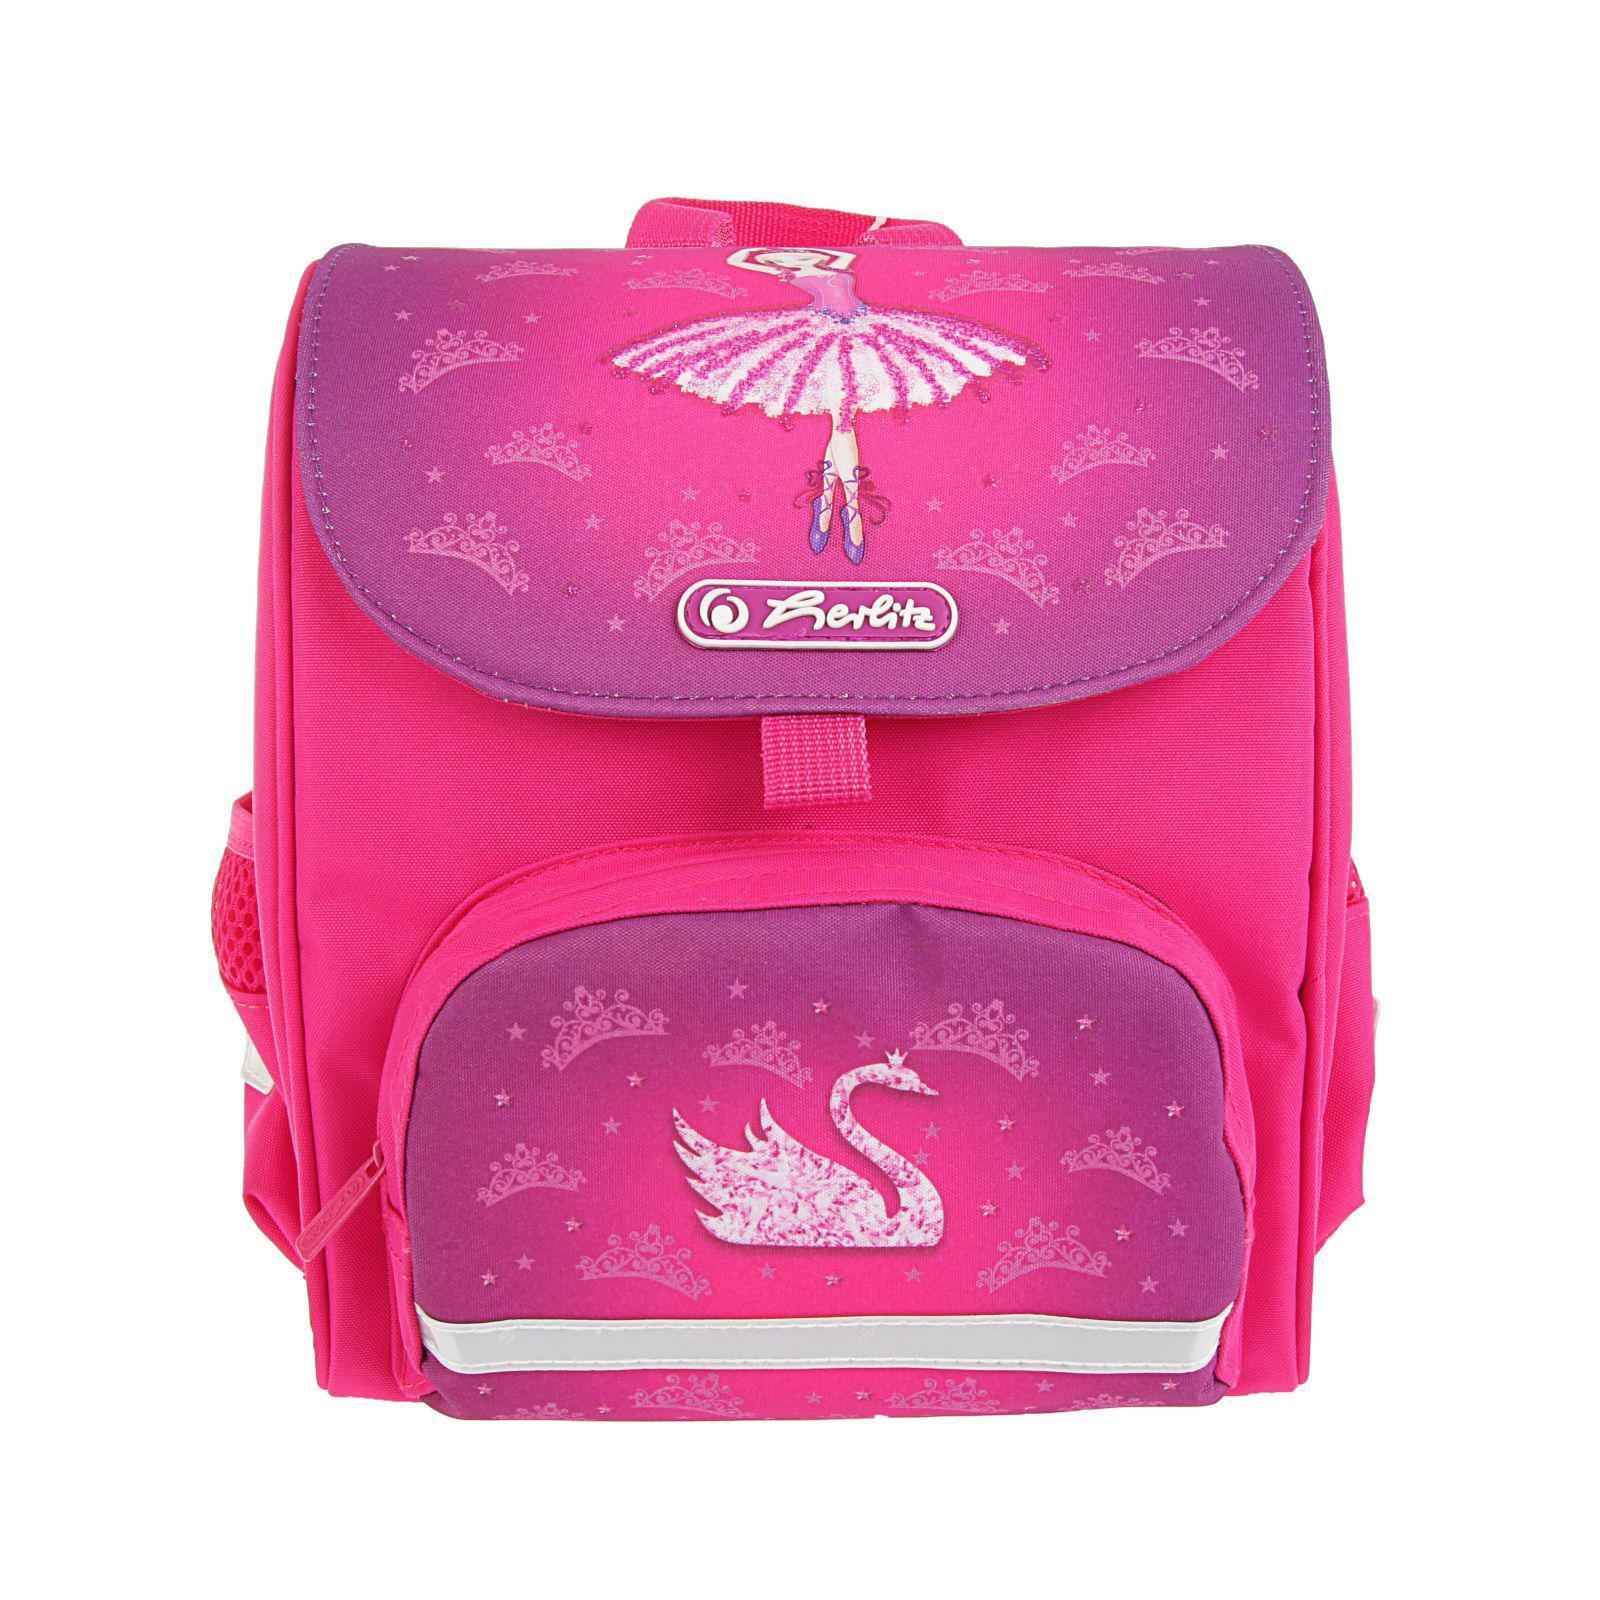 Ранец дошкольный Mini Softbag - Ballerina, без наполнения, Herlitz  - купить со скидкой